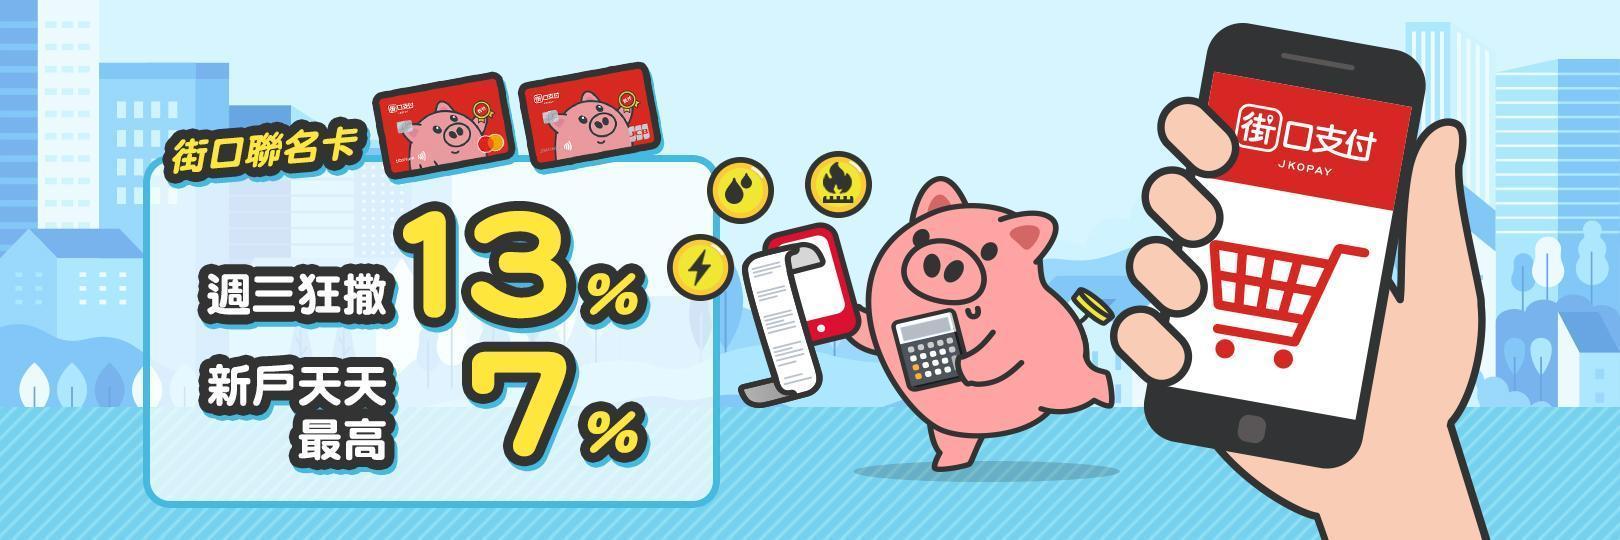 零接觸繳費、網購就用街口聯名卡